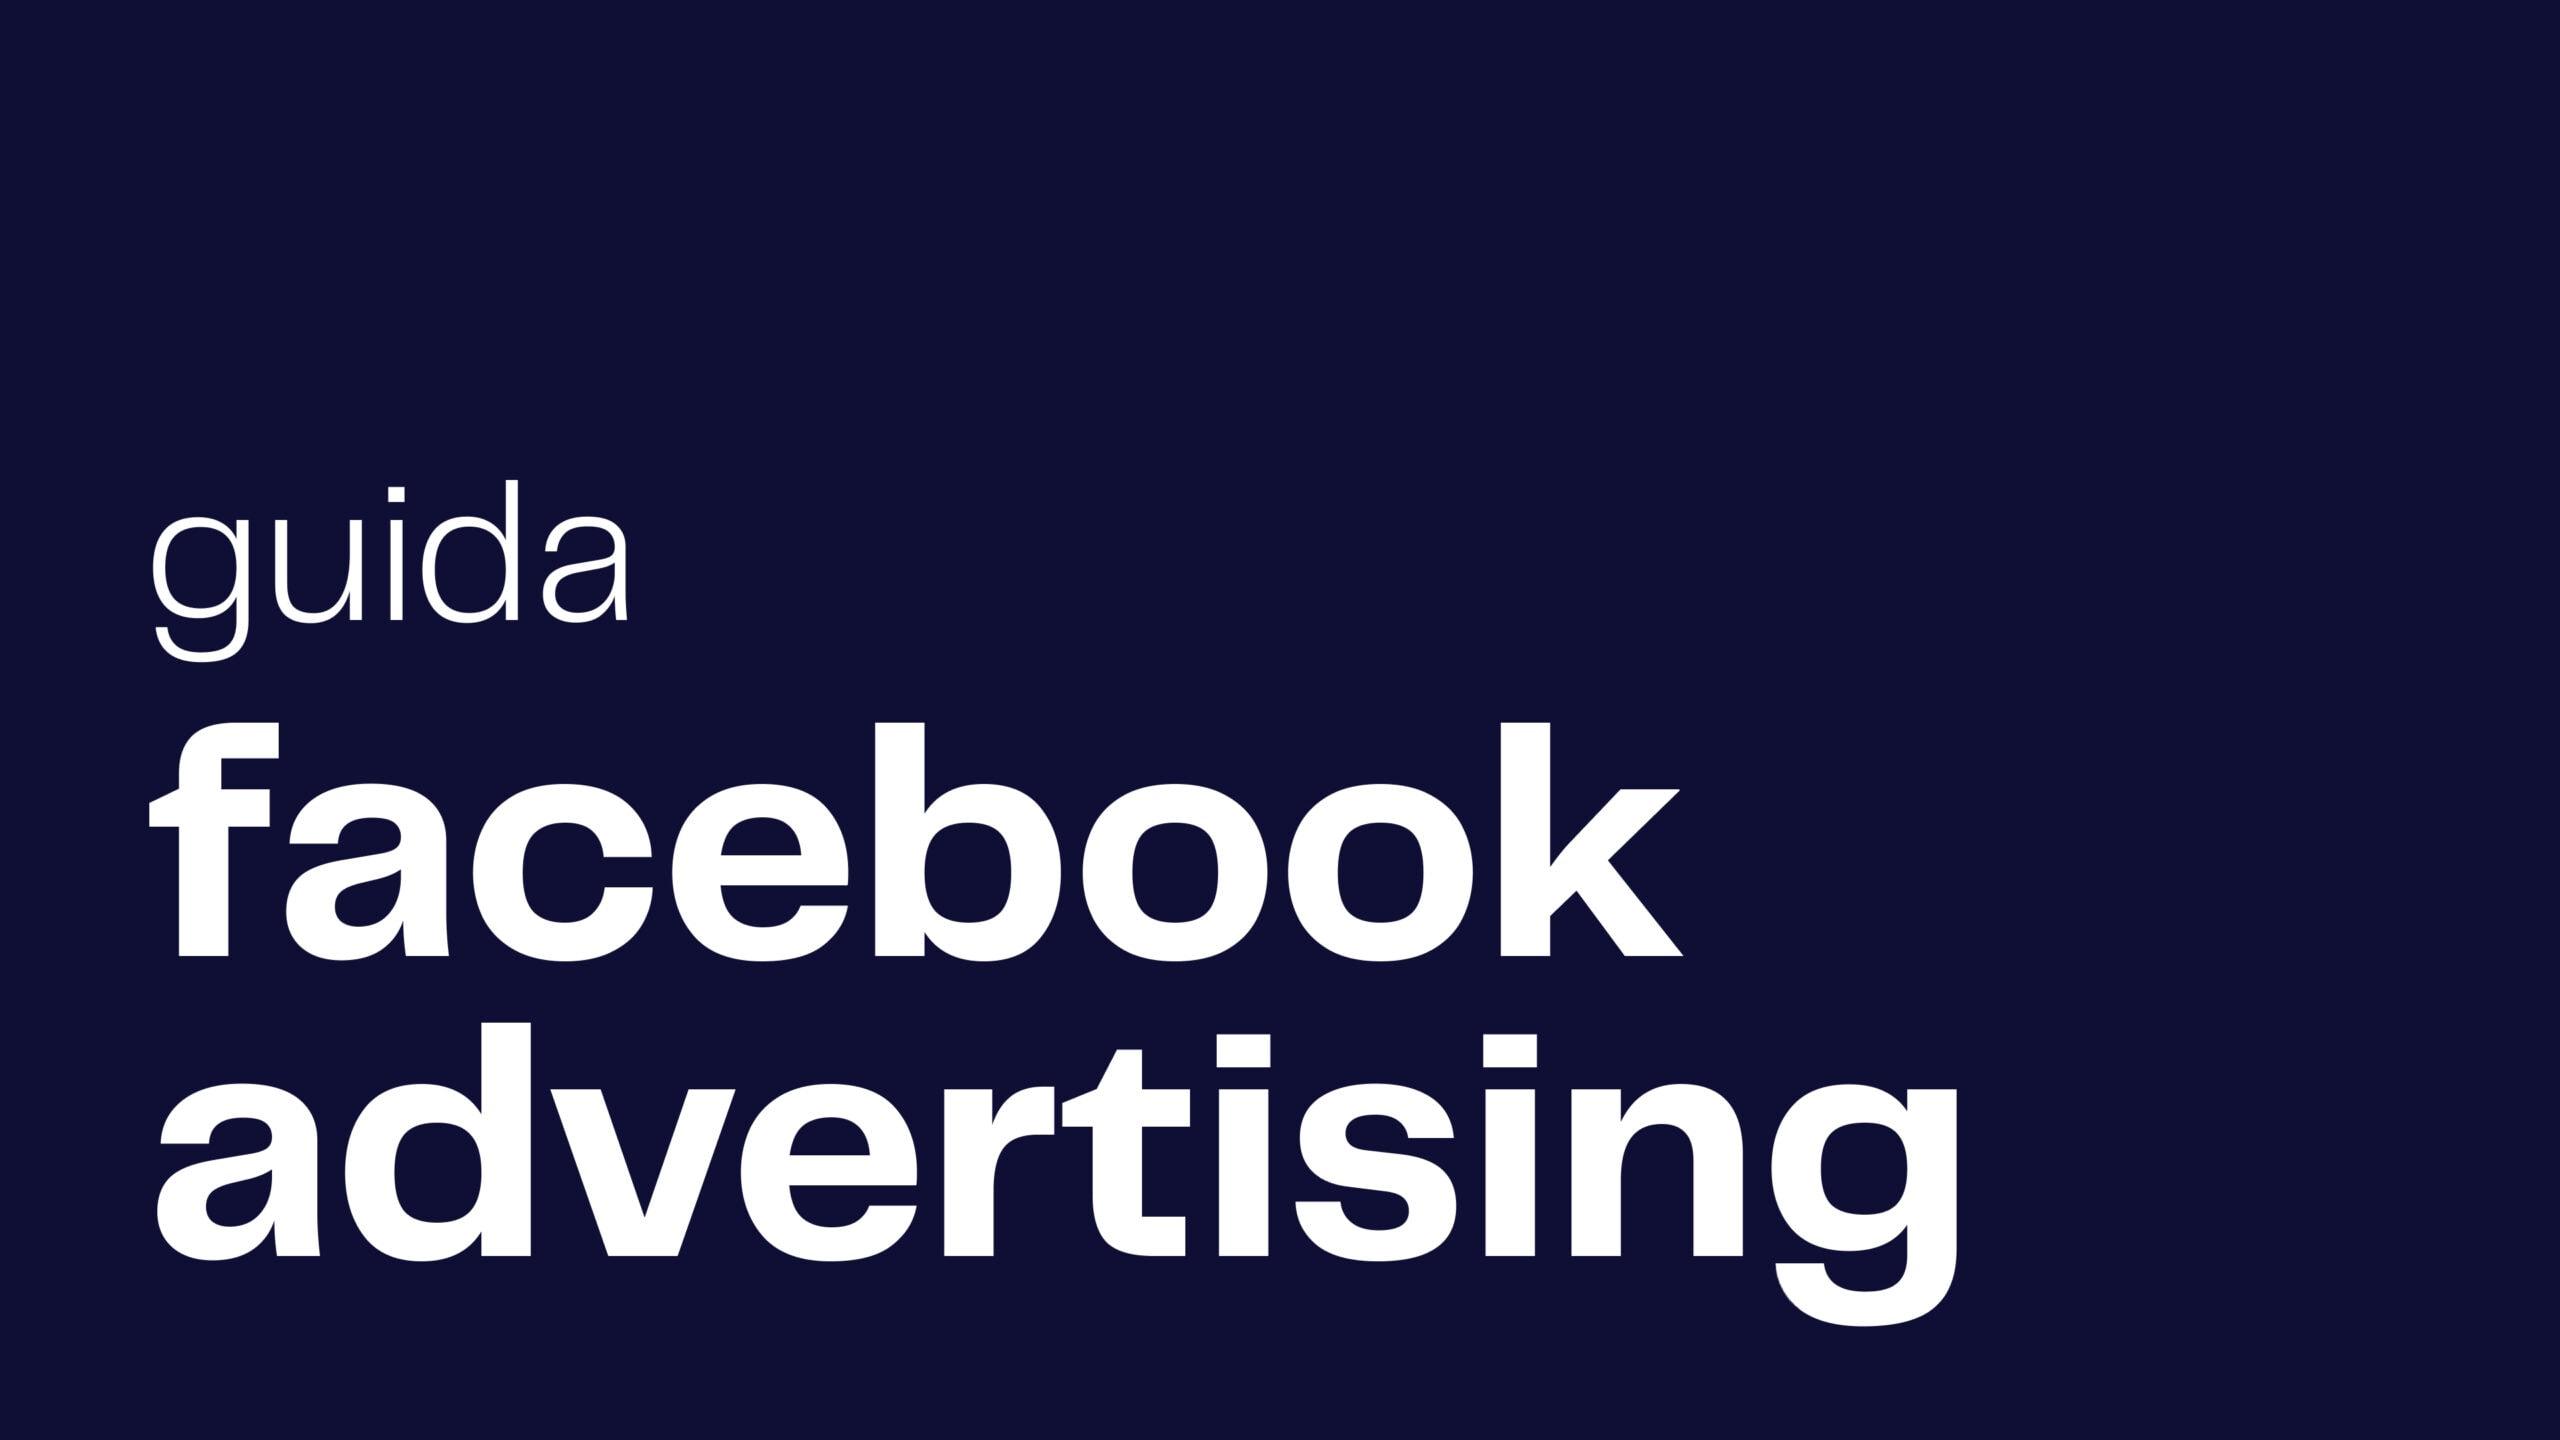 guida facebook ads